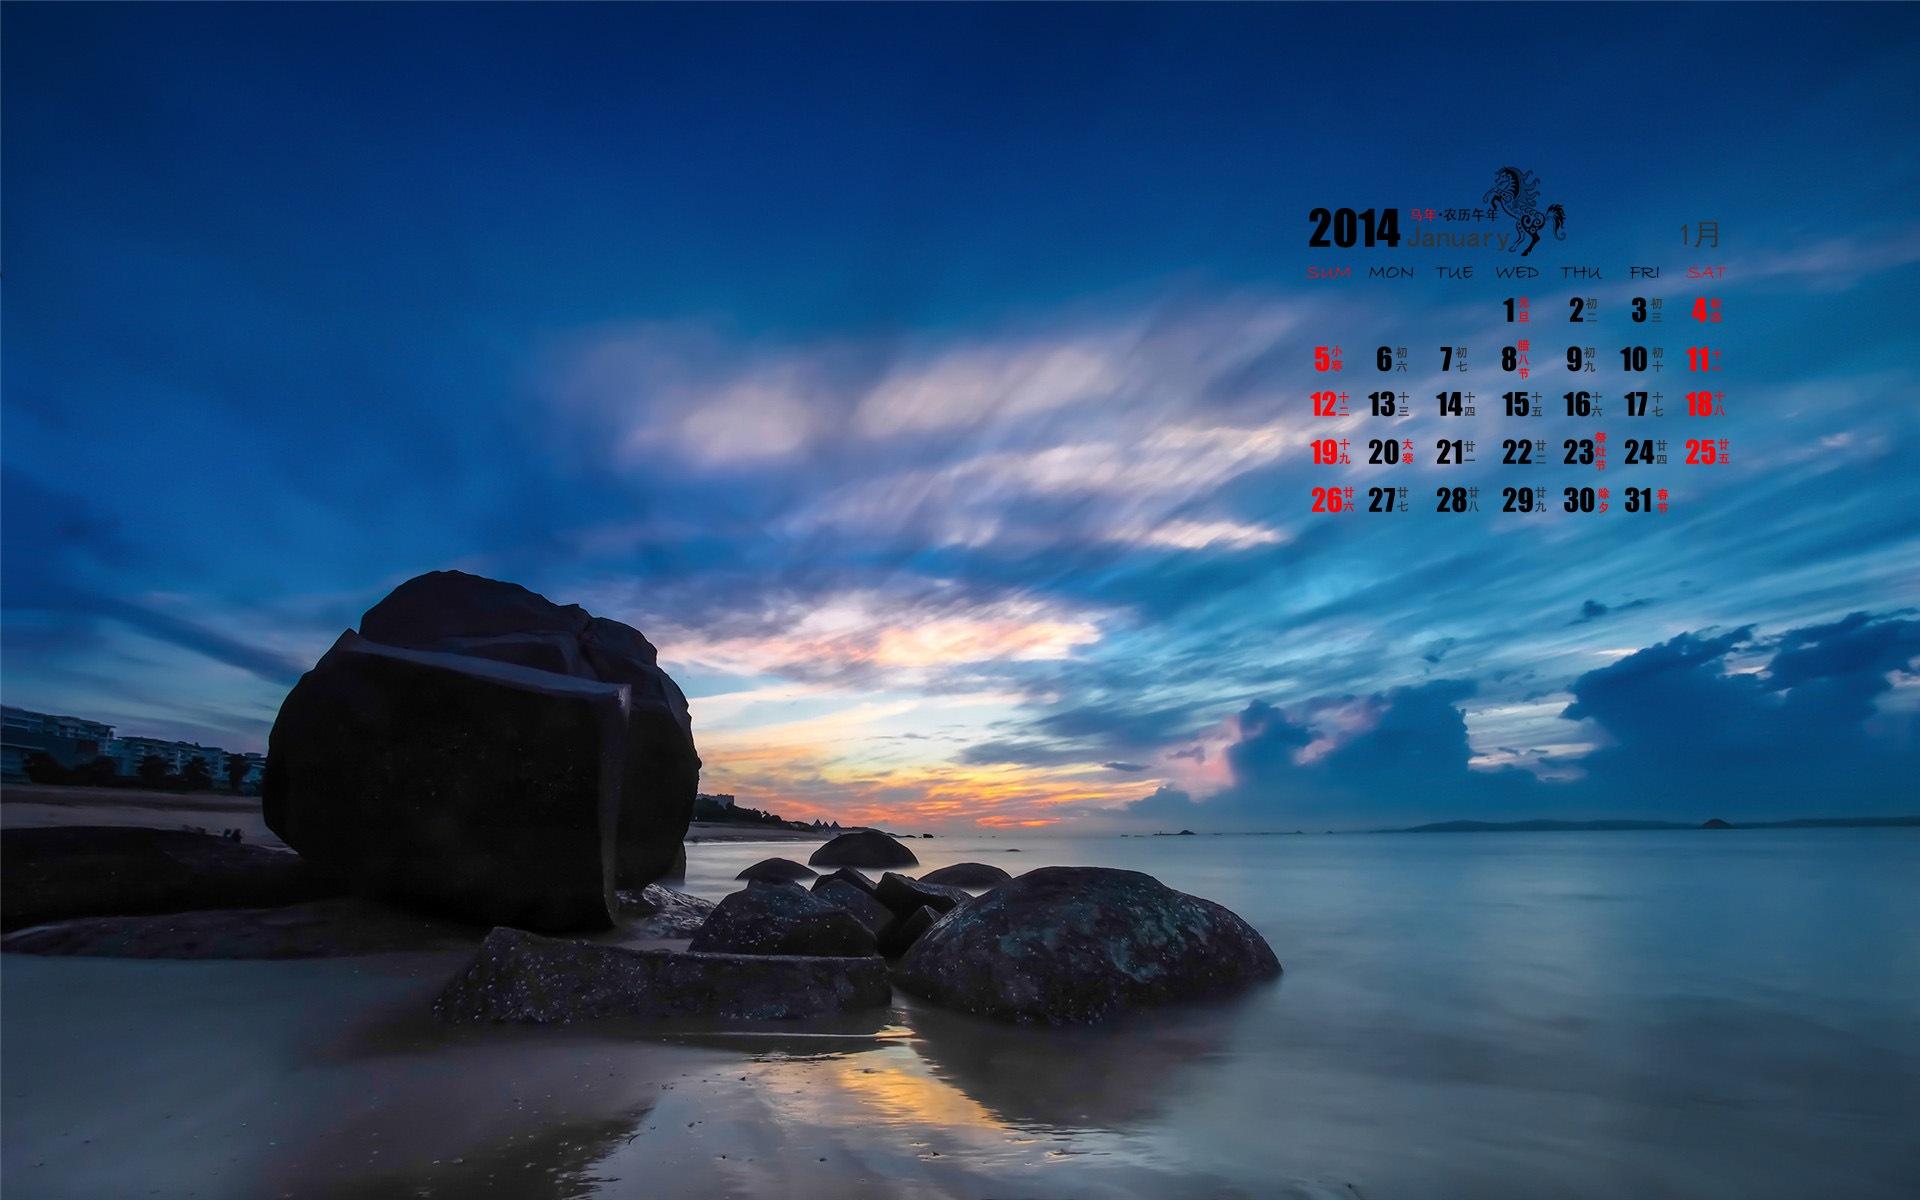 カレンダー 2014年1月カレンダー : 2014年1月カレンダー壁紙(1) #3 ...